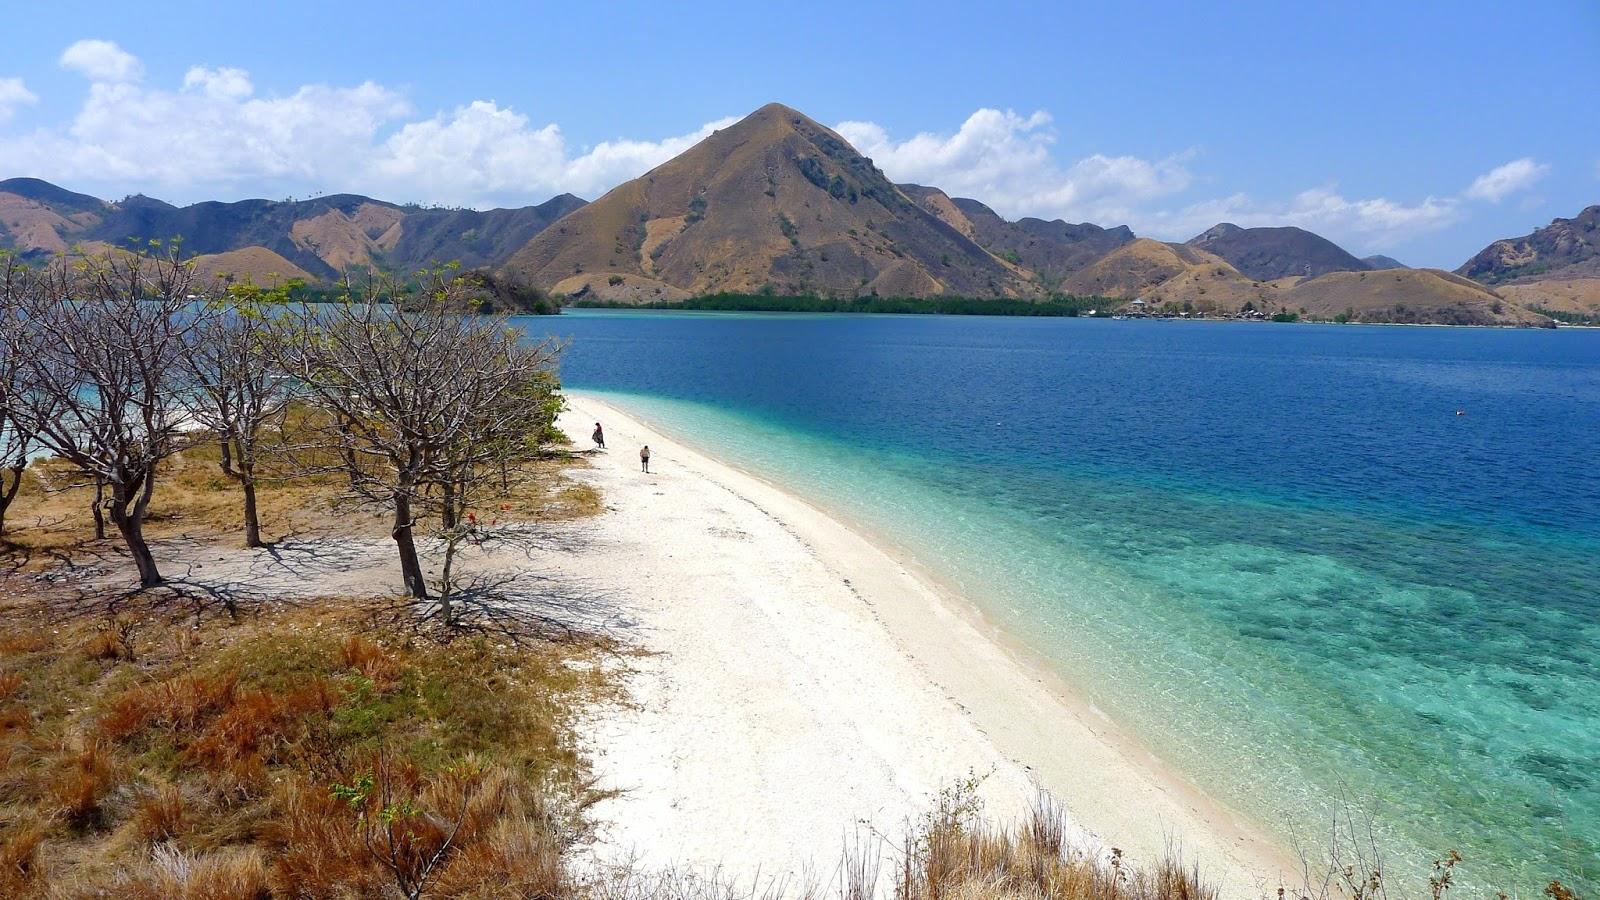 Open Trip Seruuuuuuuuuuu Sailing Komodo Start Lombok 4h3m Dari Labuan Bajo Kelor Kita Melanjutkan Ke Yang Merupakan Akhir Perjalanan Di Anda Bisa Tinggal Kapal Atau Mencari Akomodasi Sendiri